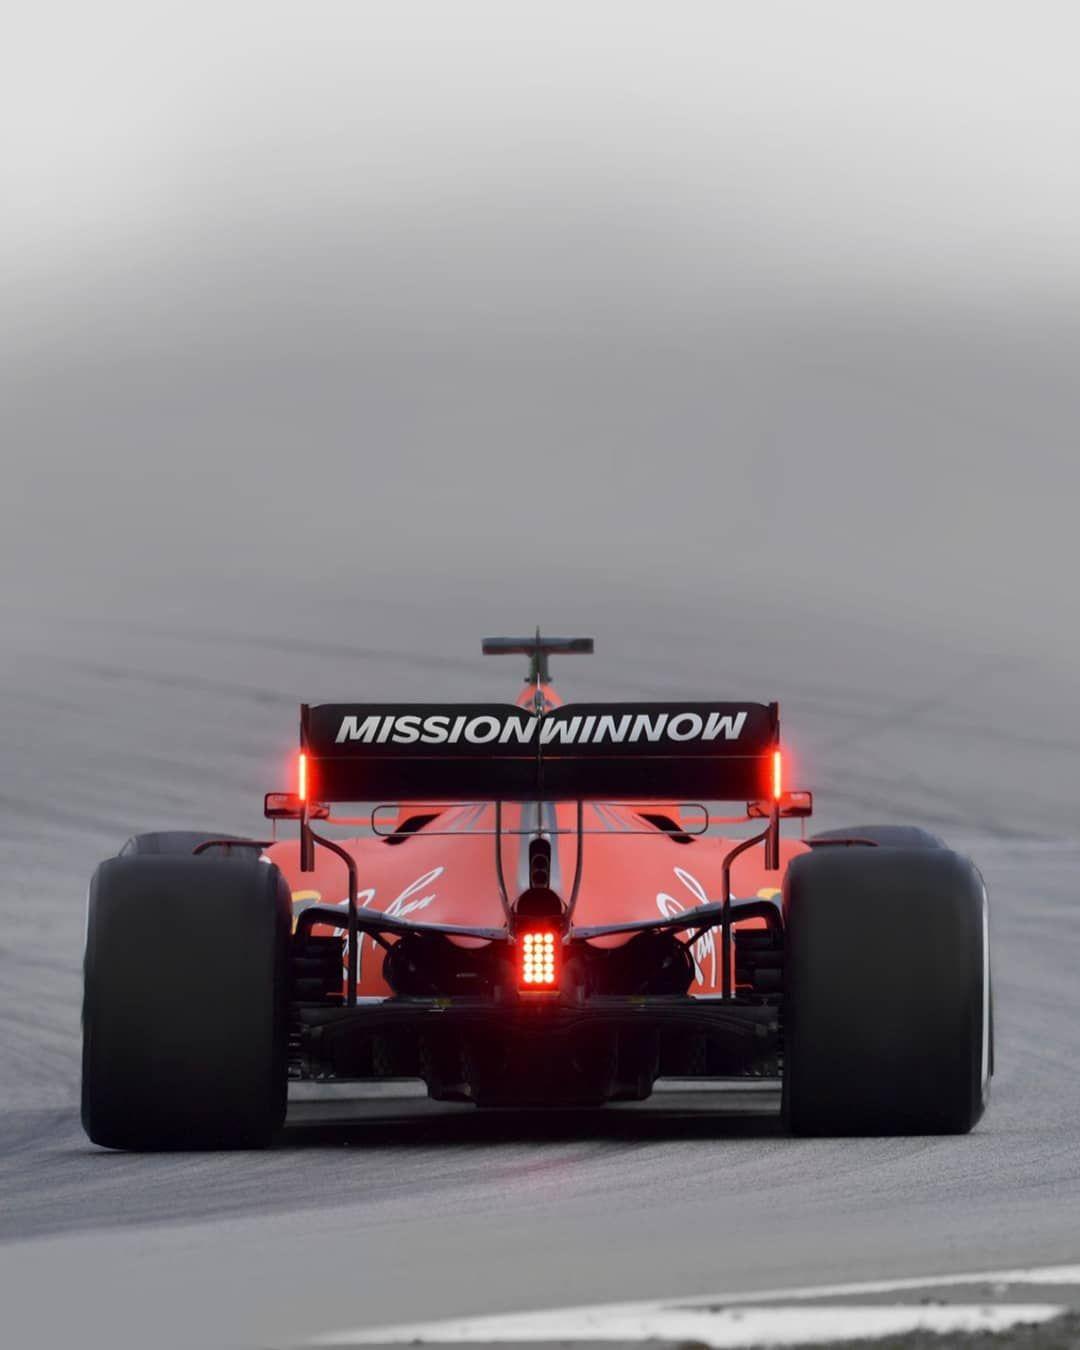 Mission Winnow Will Be Back Come Bahrain Ferrari S Sf90 Will Again